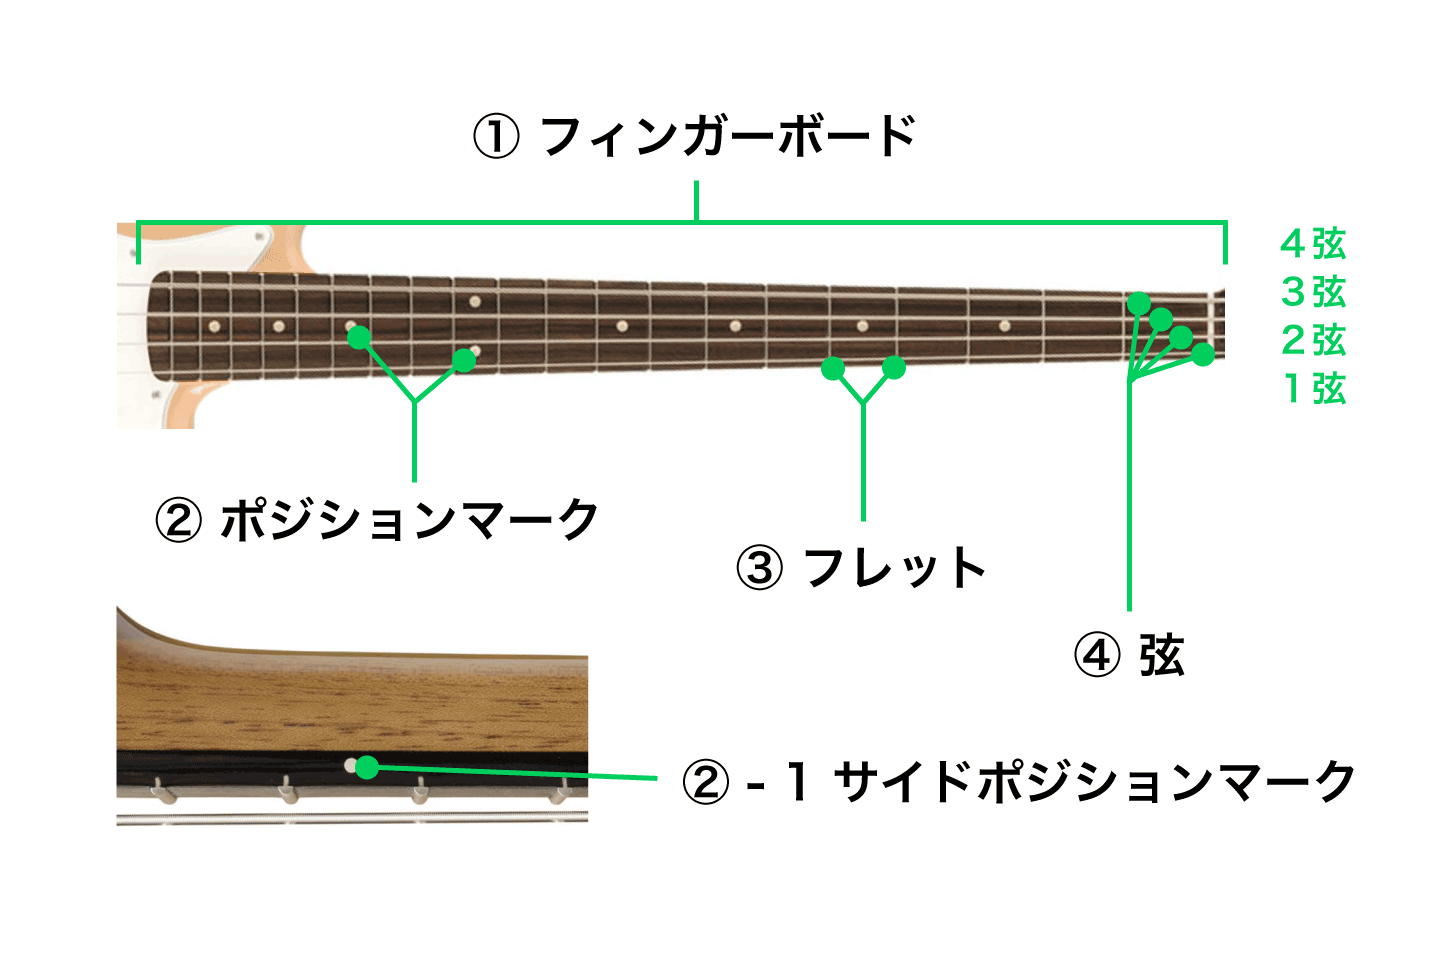 ネック フィンガーボード、ポジションマーク、サイドポジションマーク、フレット、弦